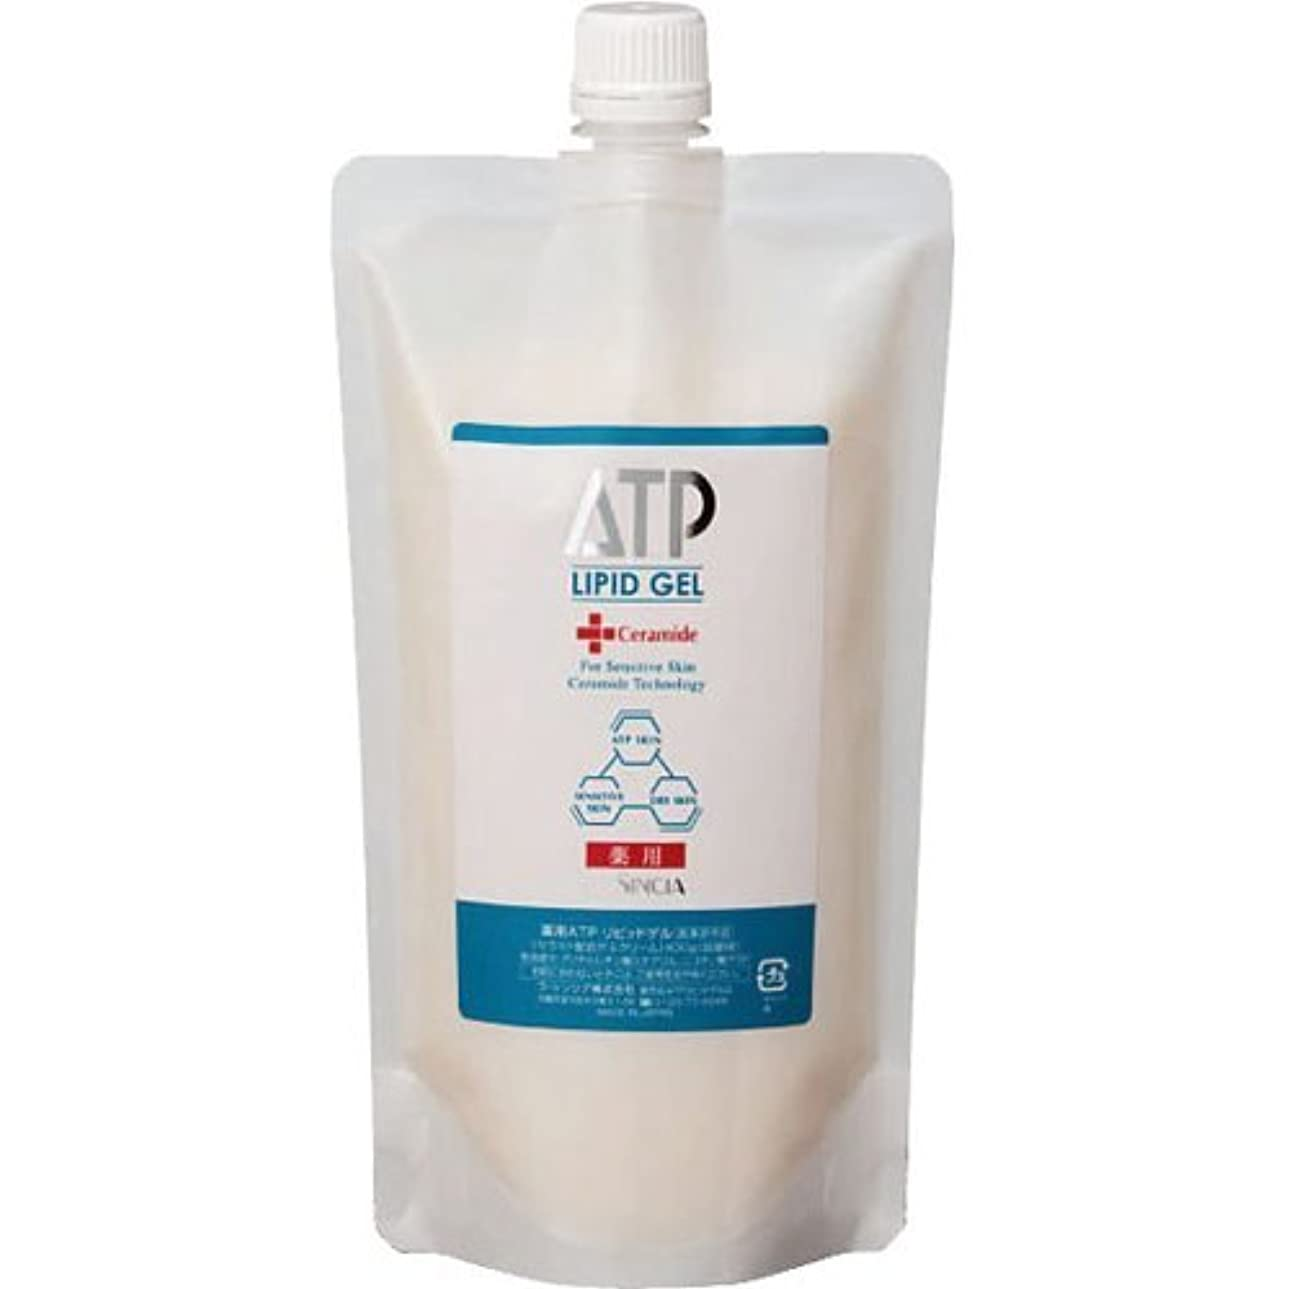 内側論争聡明ラシンシア 薬用ATPリピッドゲル 400g(詰替用) 【セラミド配合ゲルクリーム】